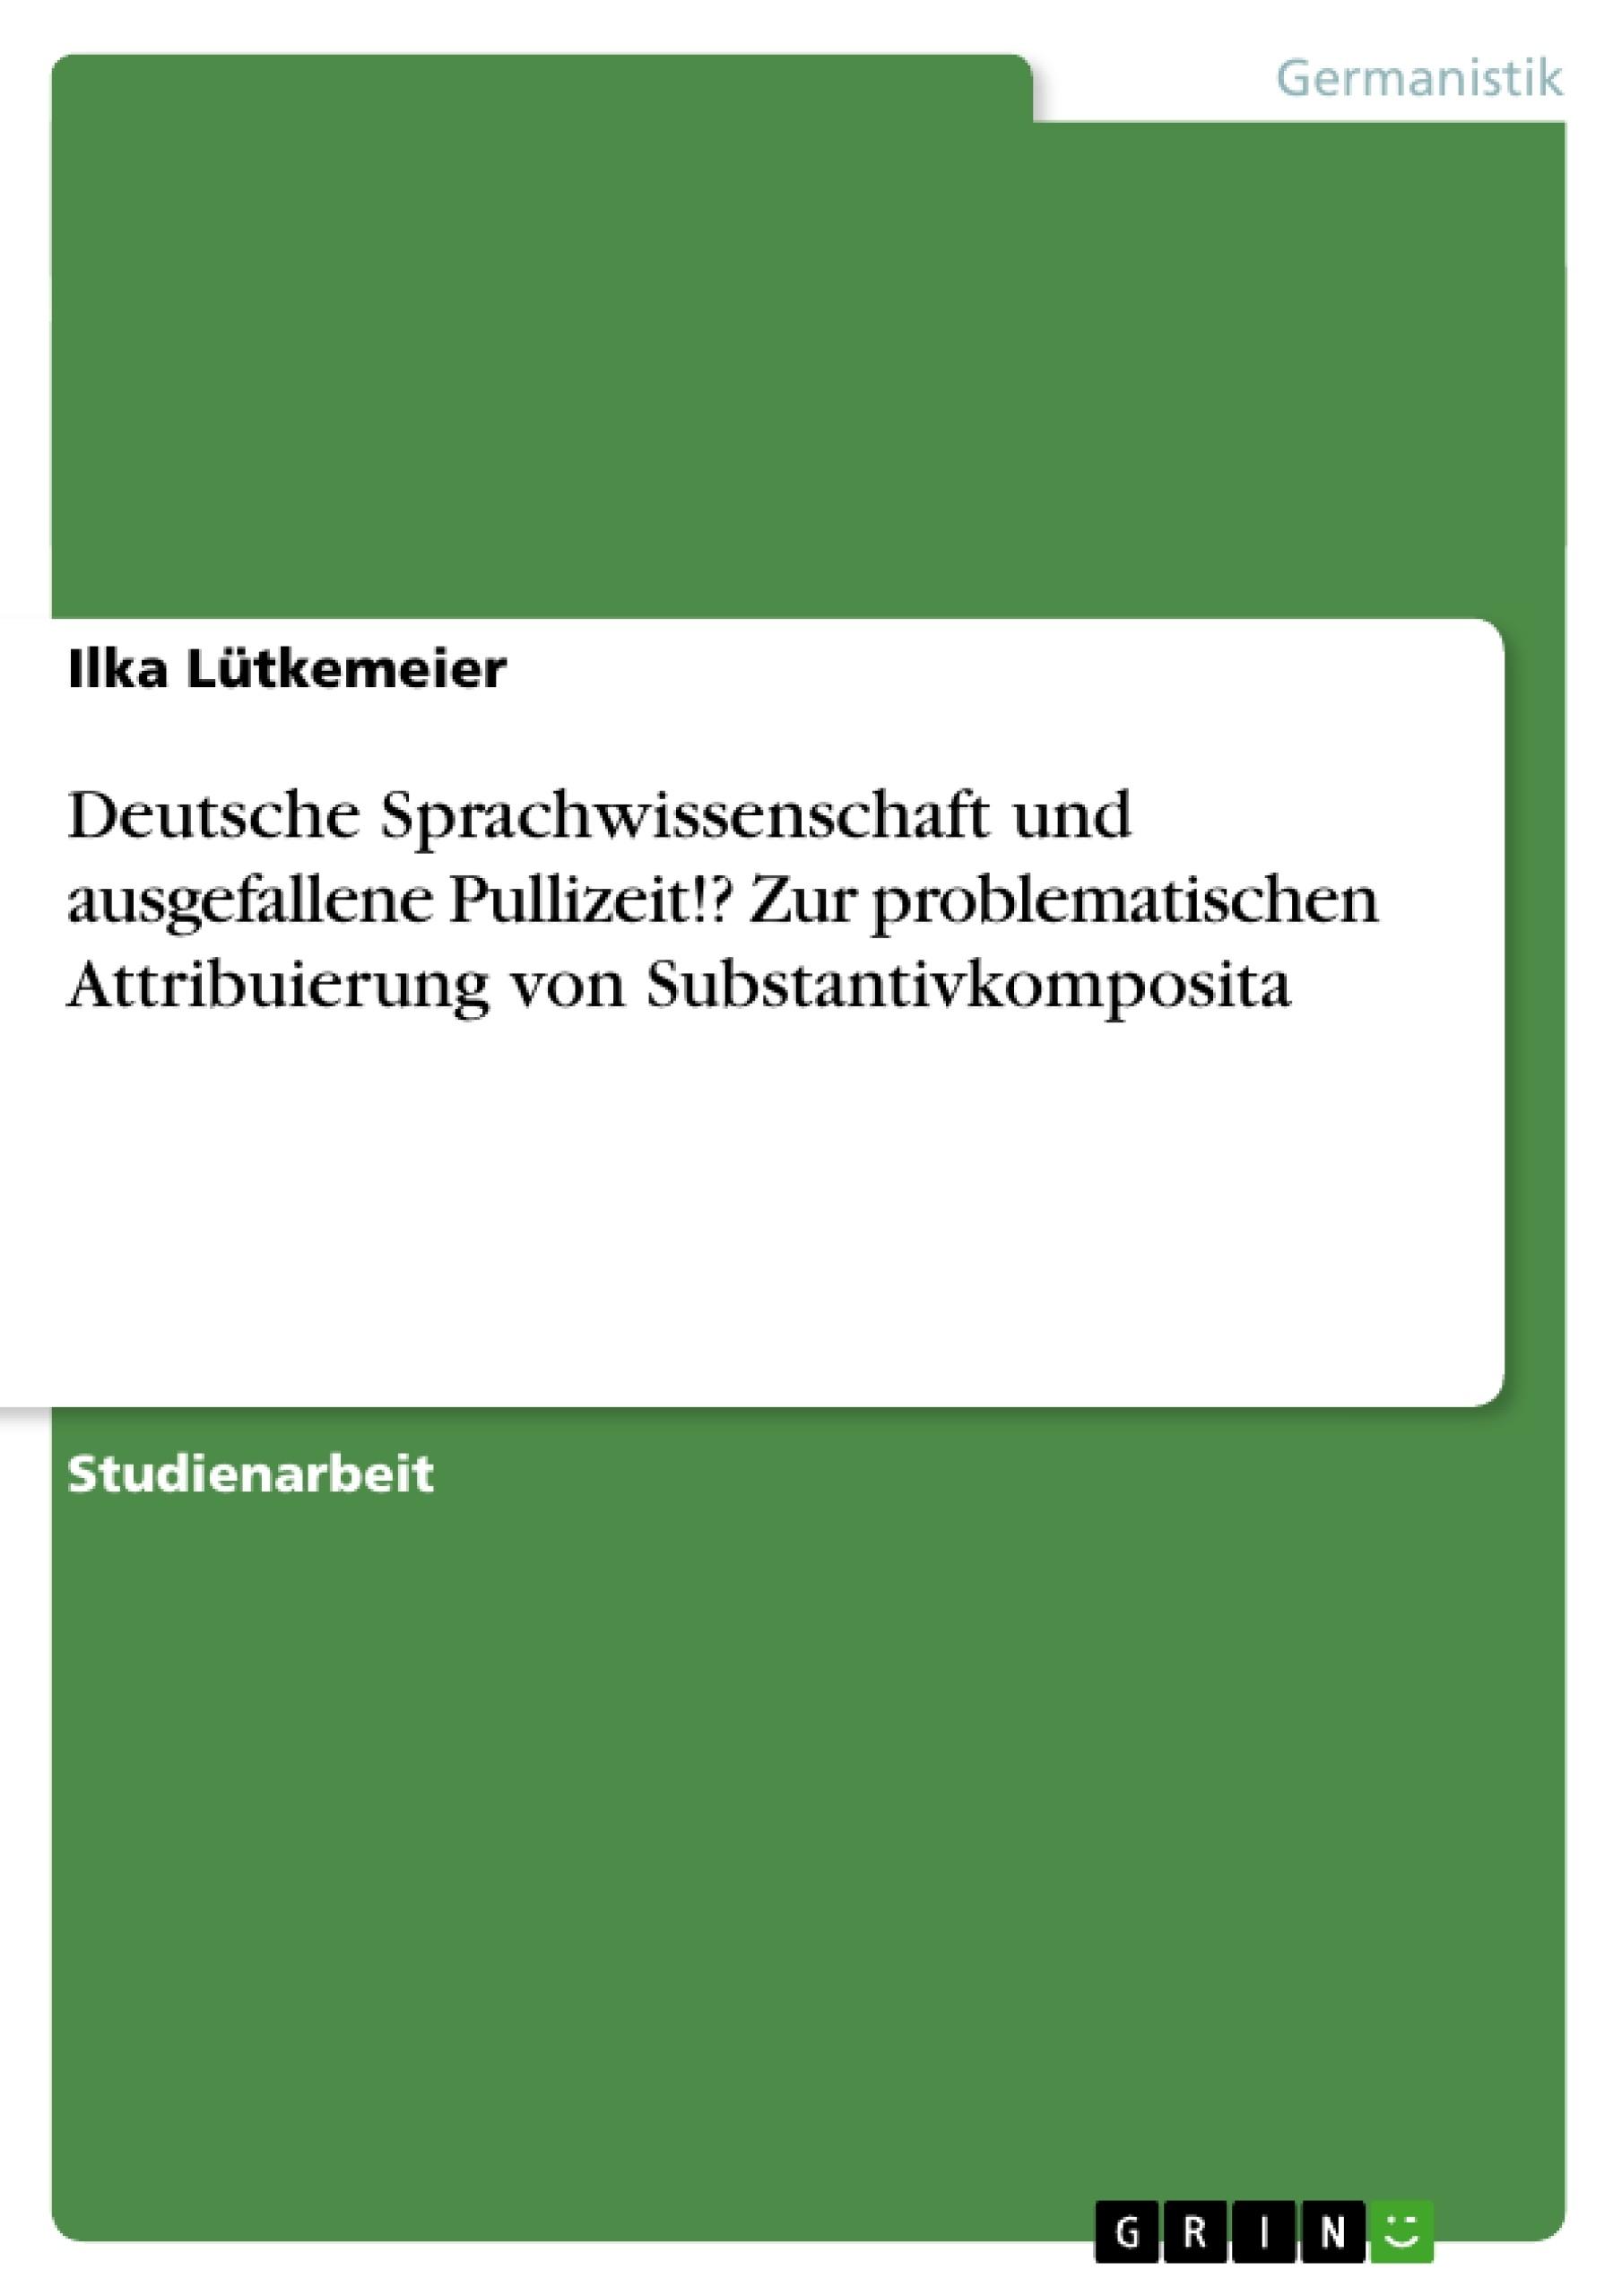 Titel: Deutsche Sprachwissenschaft und ausgefallene Pullizeit!? Zur problematischen Attribuierung von Substantivkomposita